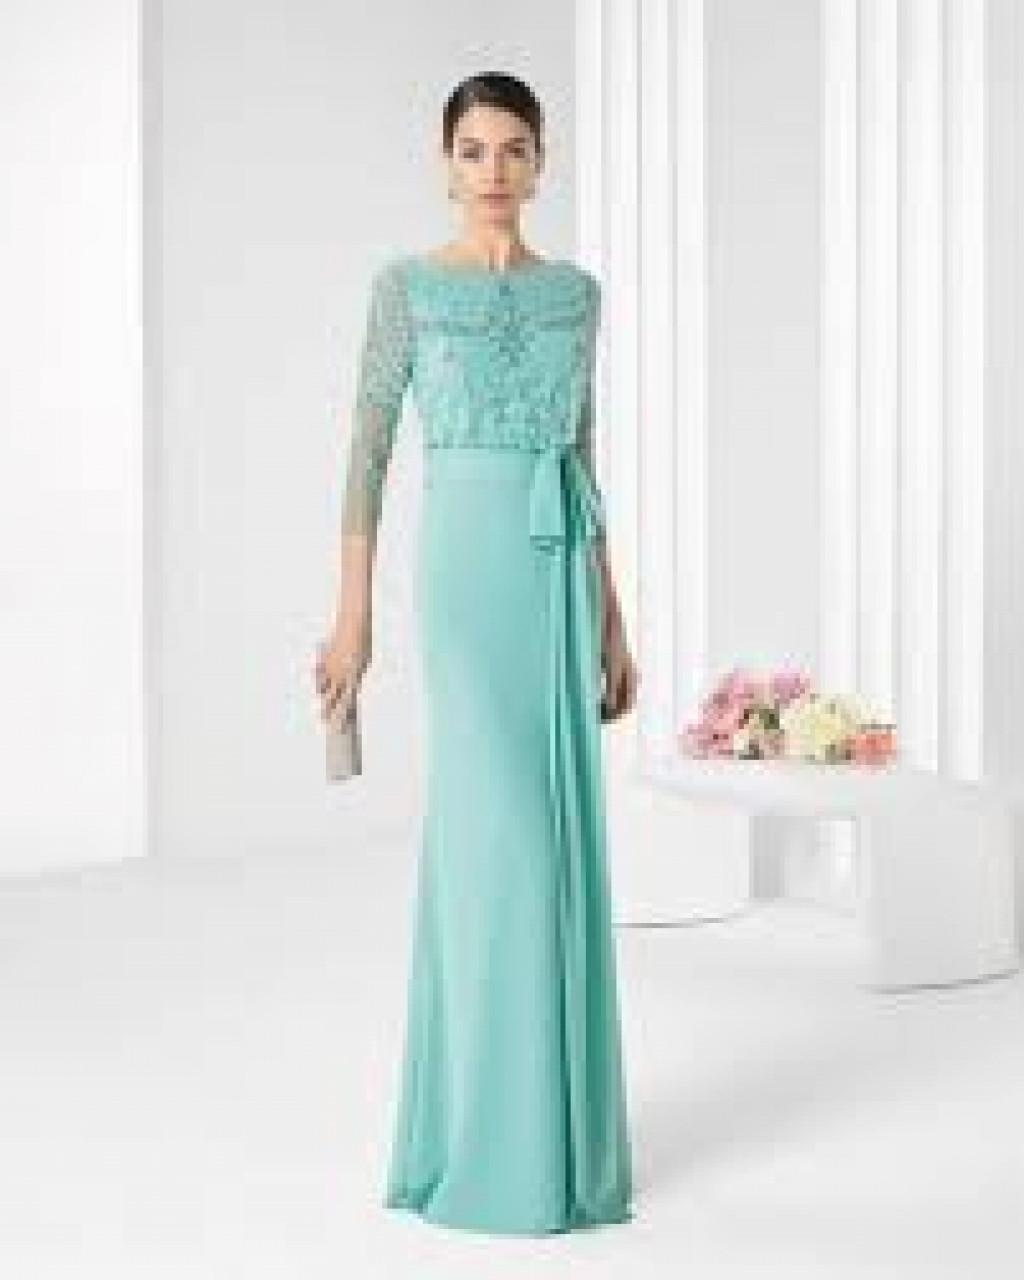 Vestidos de fiesta y trajes de fiesta para mujer usados | Mi Vestido